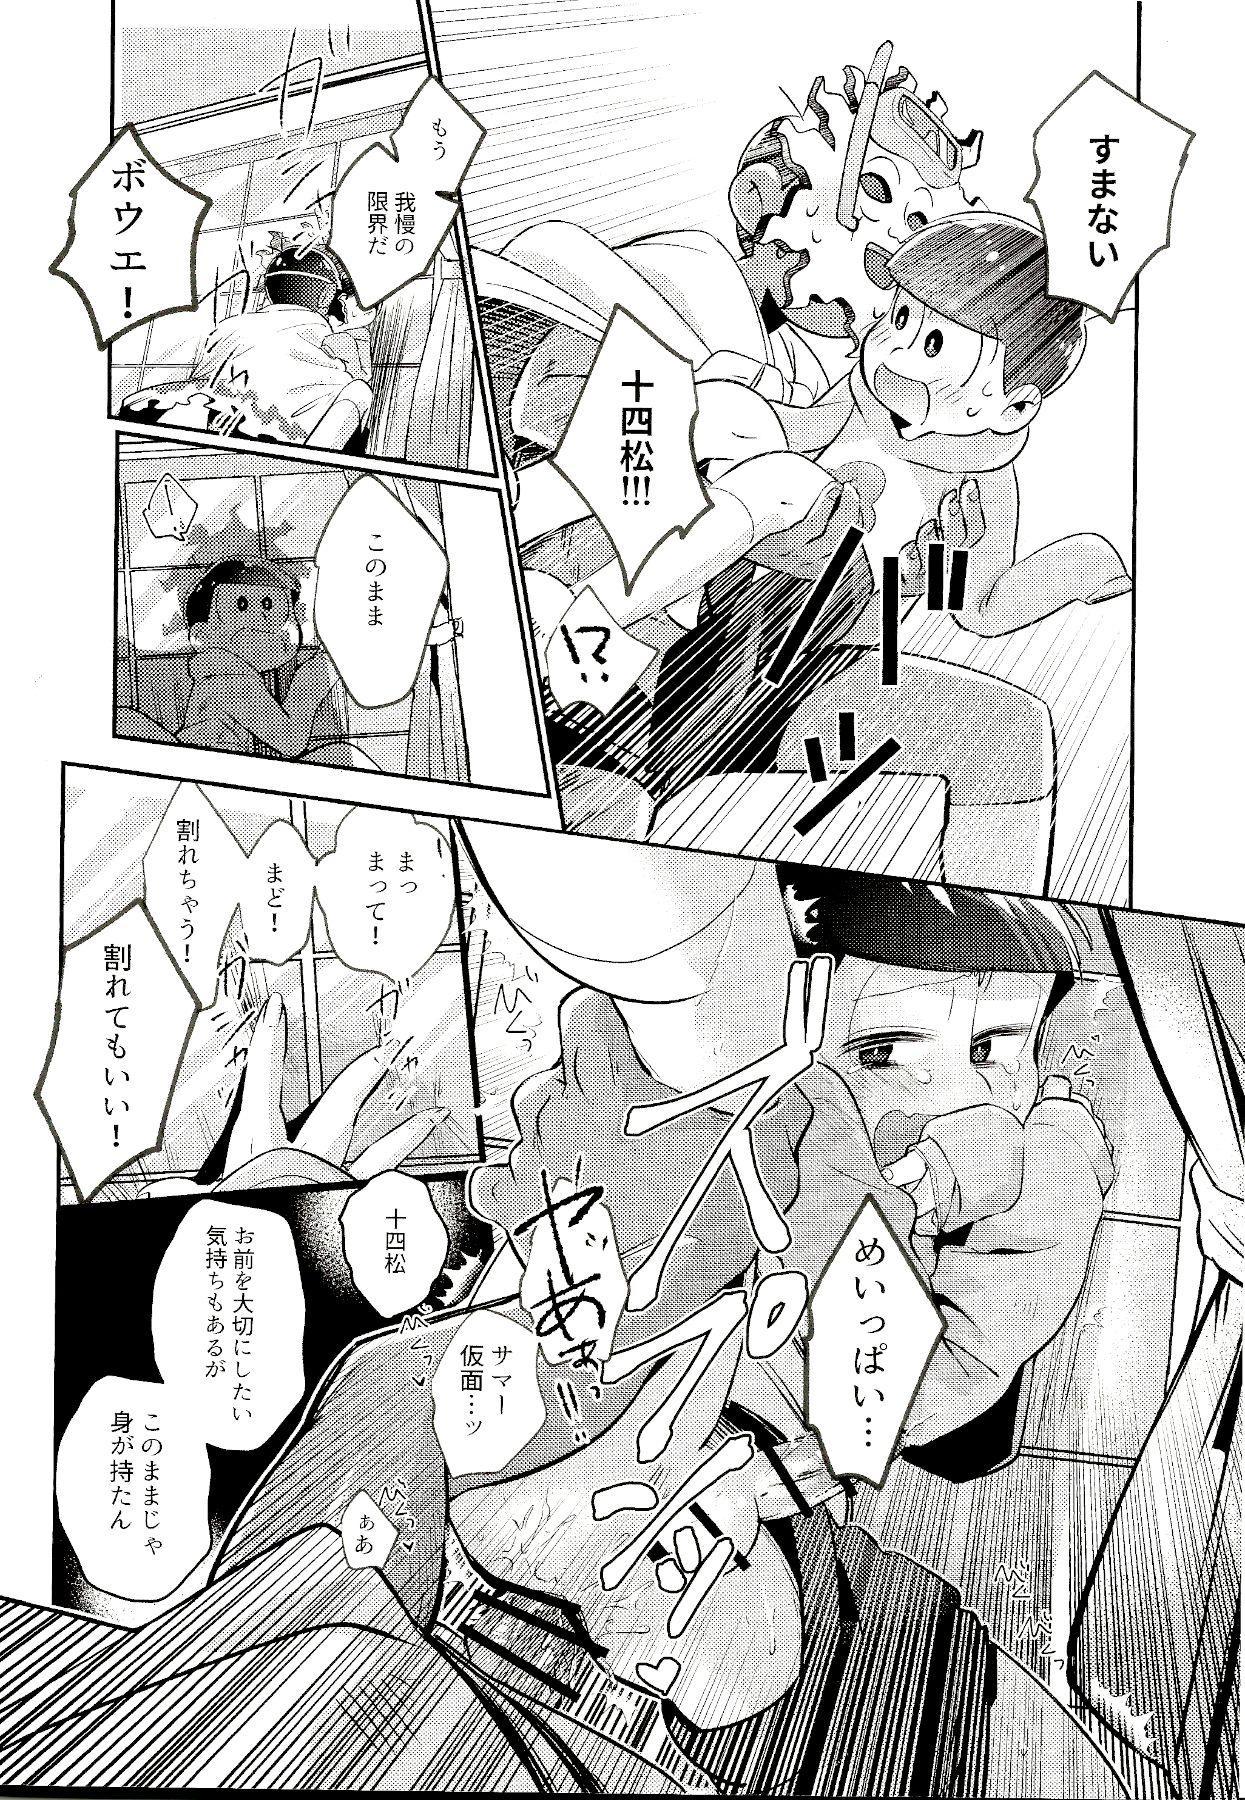 My Riru Juushimatsu ga Summer Kamen to xx Shitaidato!? 18